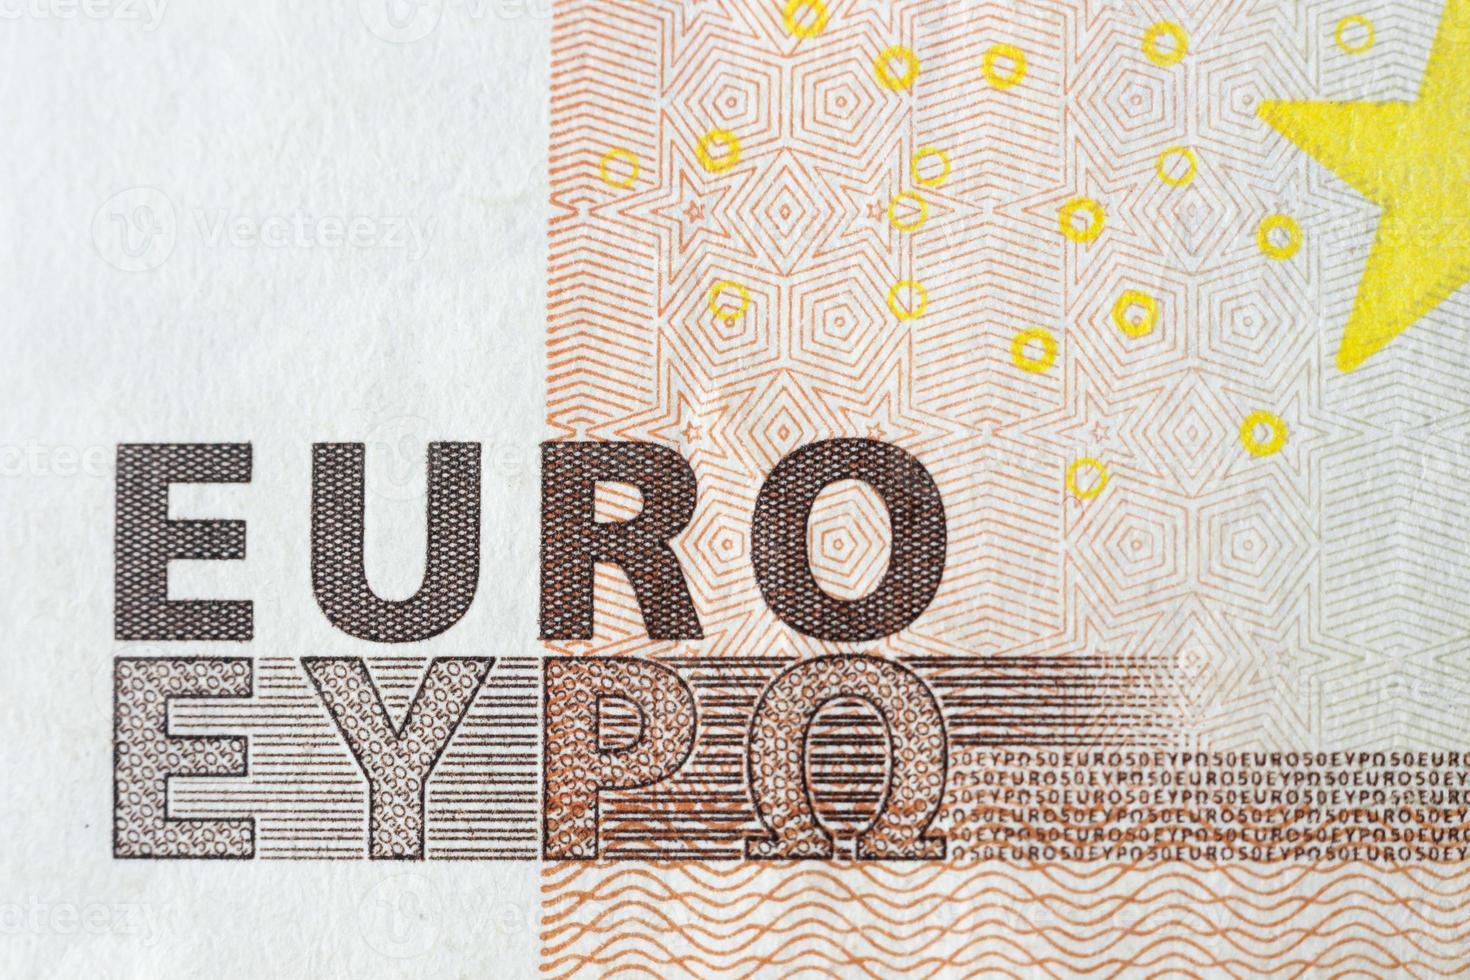 eurobankbiljetten, gedetailleerde tekst op een nieuwe vijftig eurobankbiljetten foto